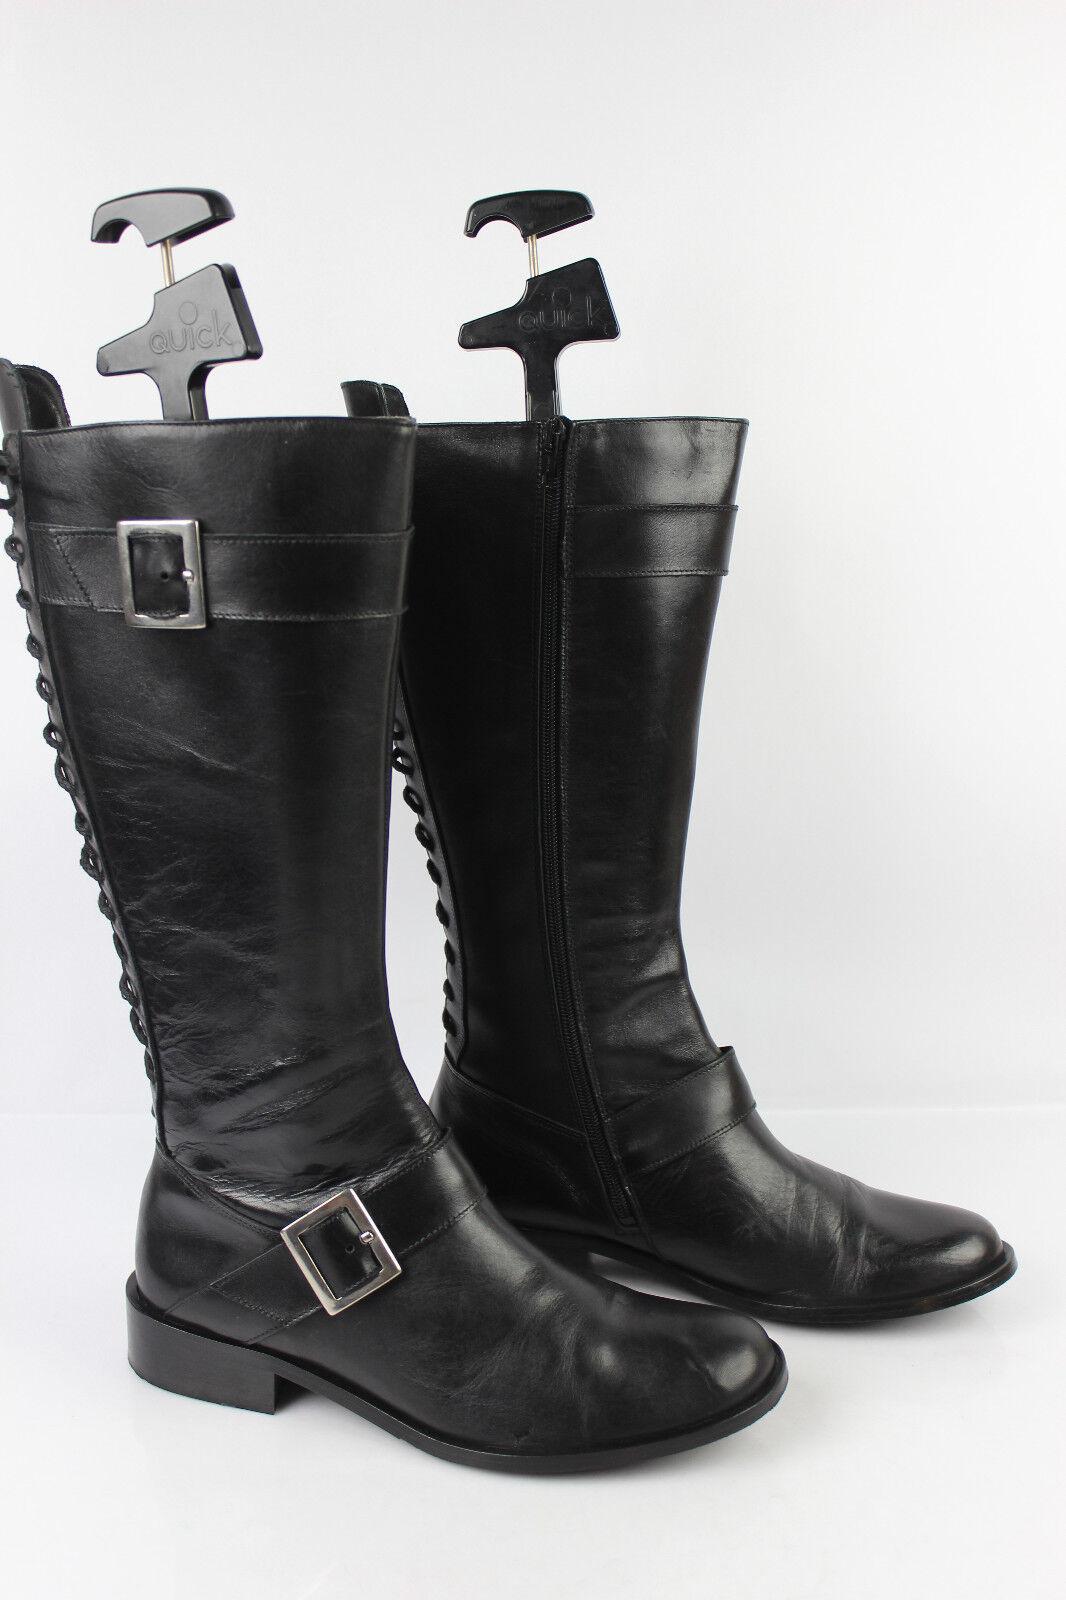 Stiefel Schnürsenkel TEXTO schwarzes Leder t 41 seht guter Zustand